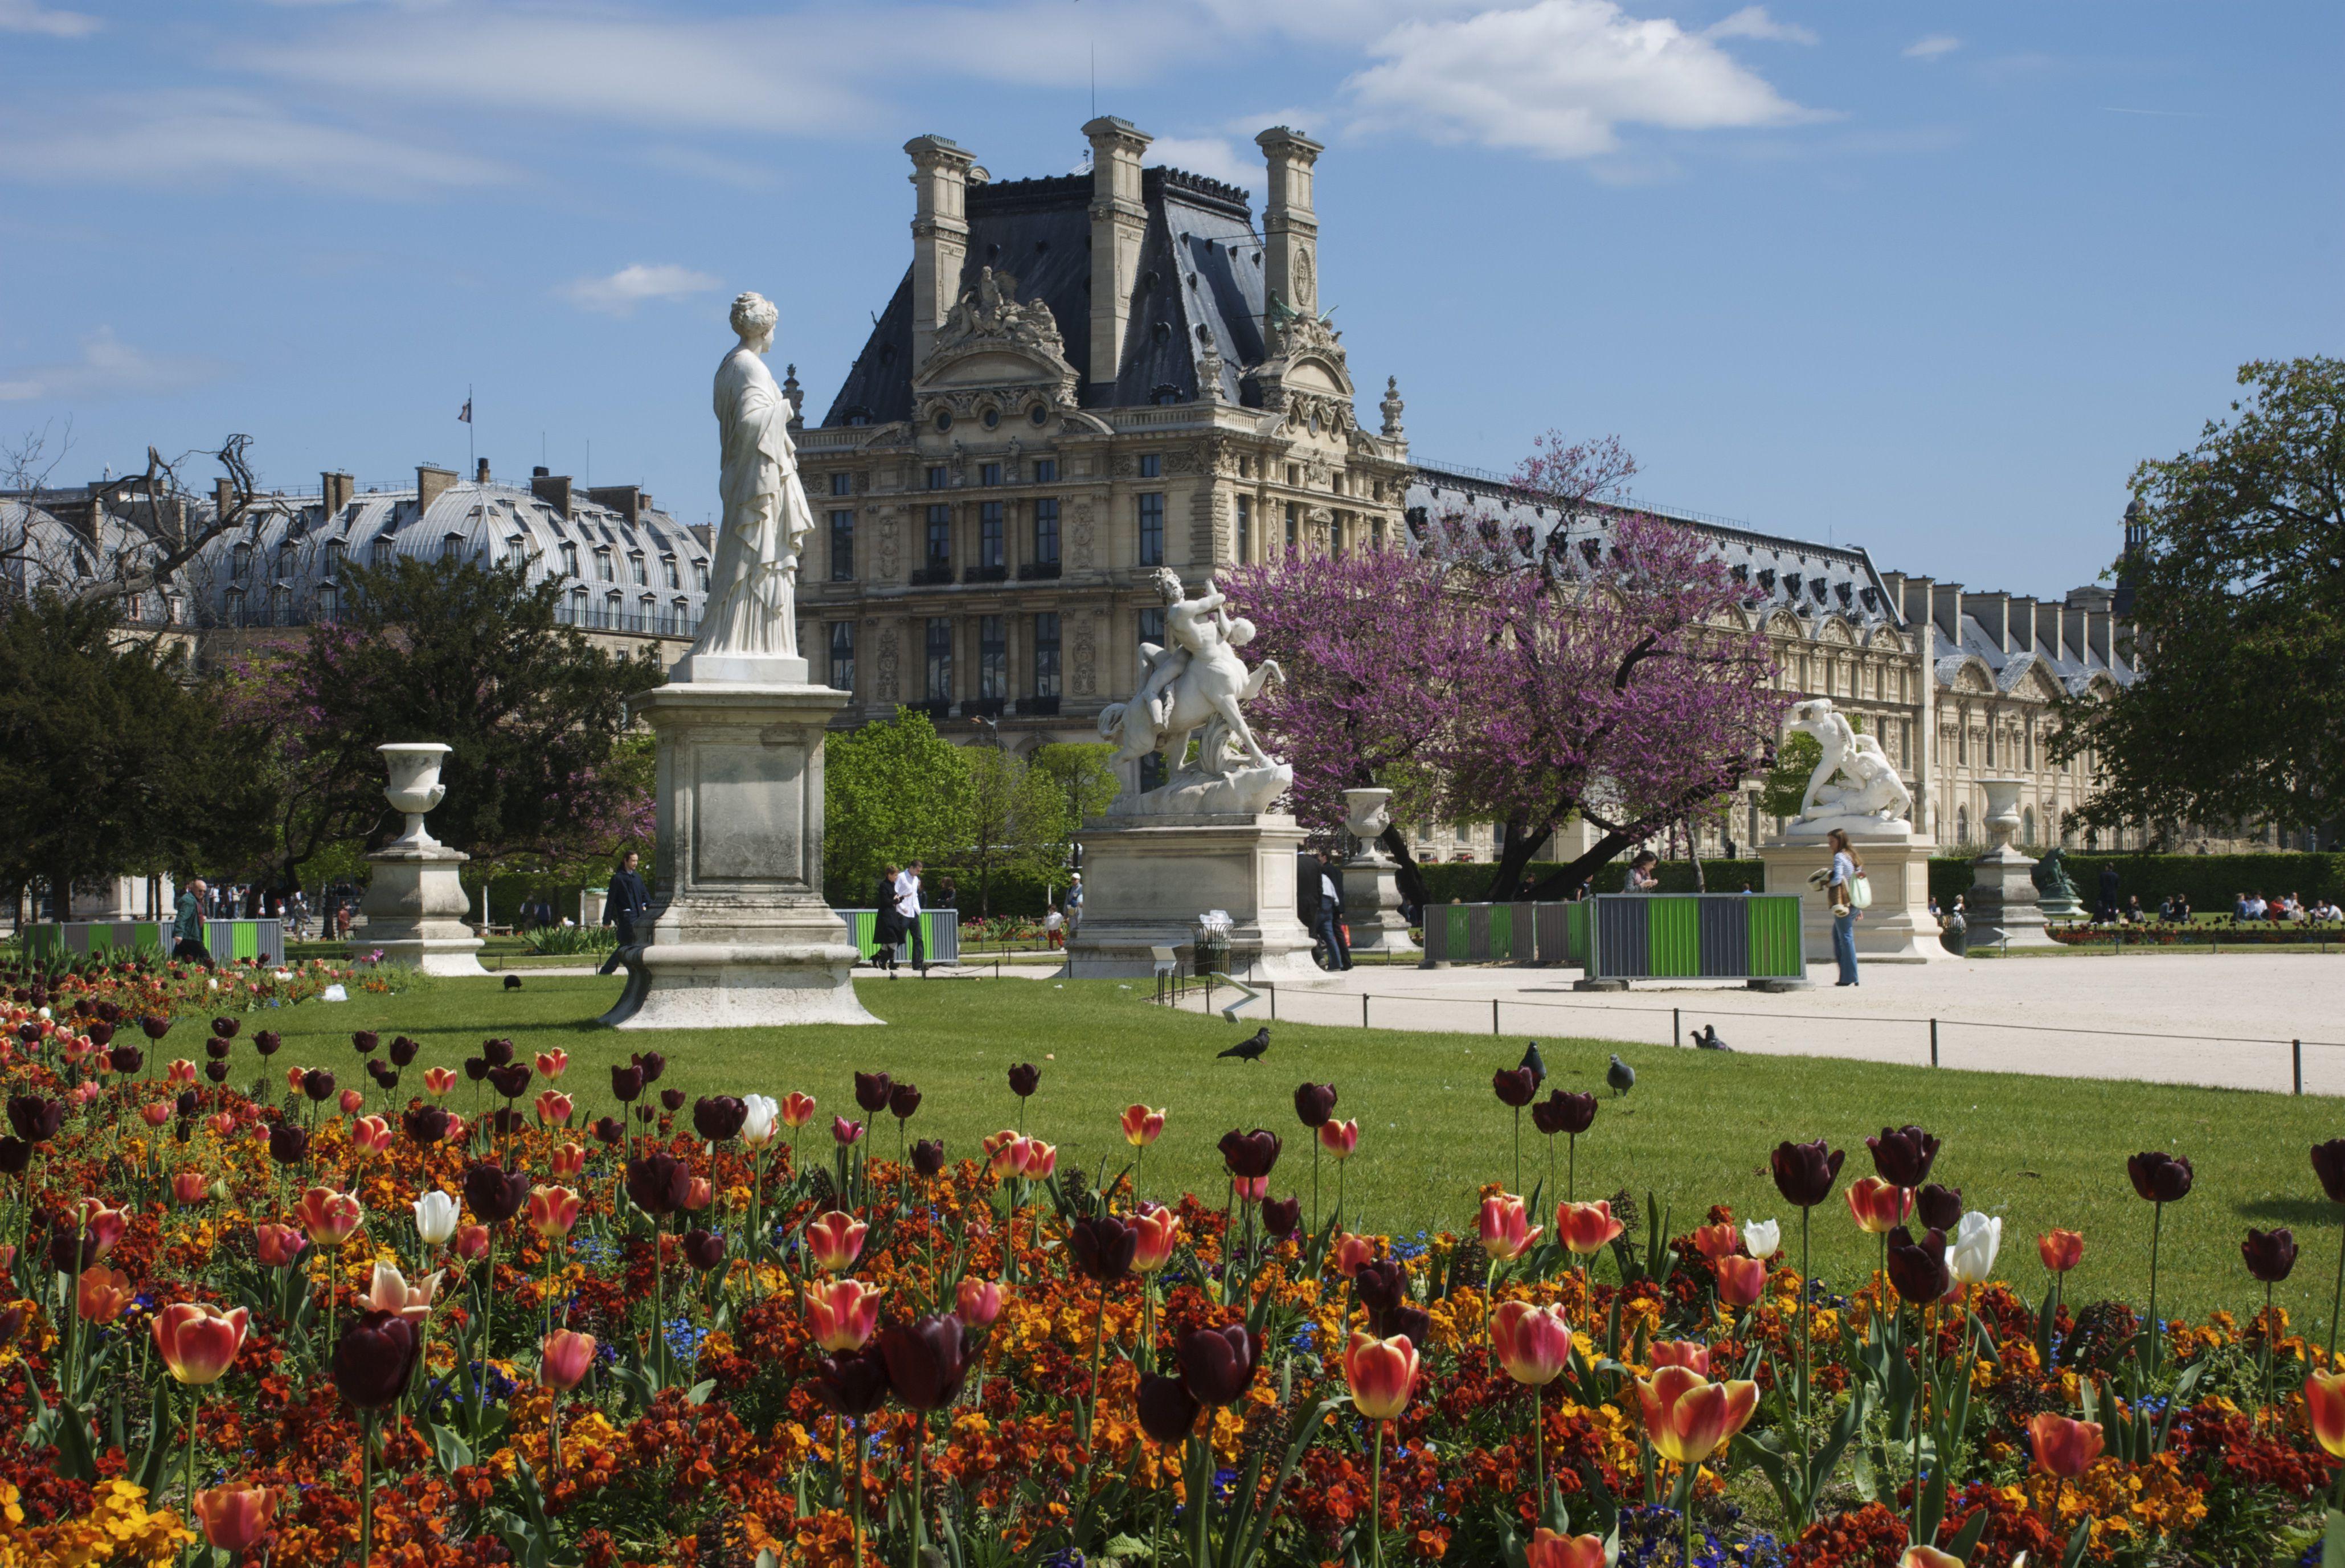 The Jardin des Tuileries in Paris: A Royal Gem